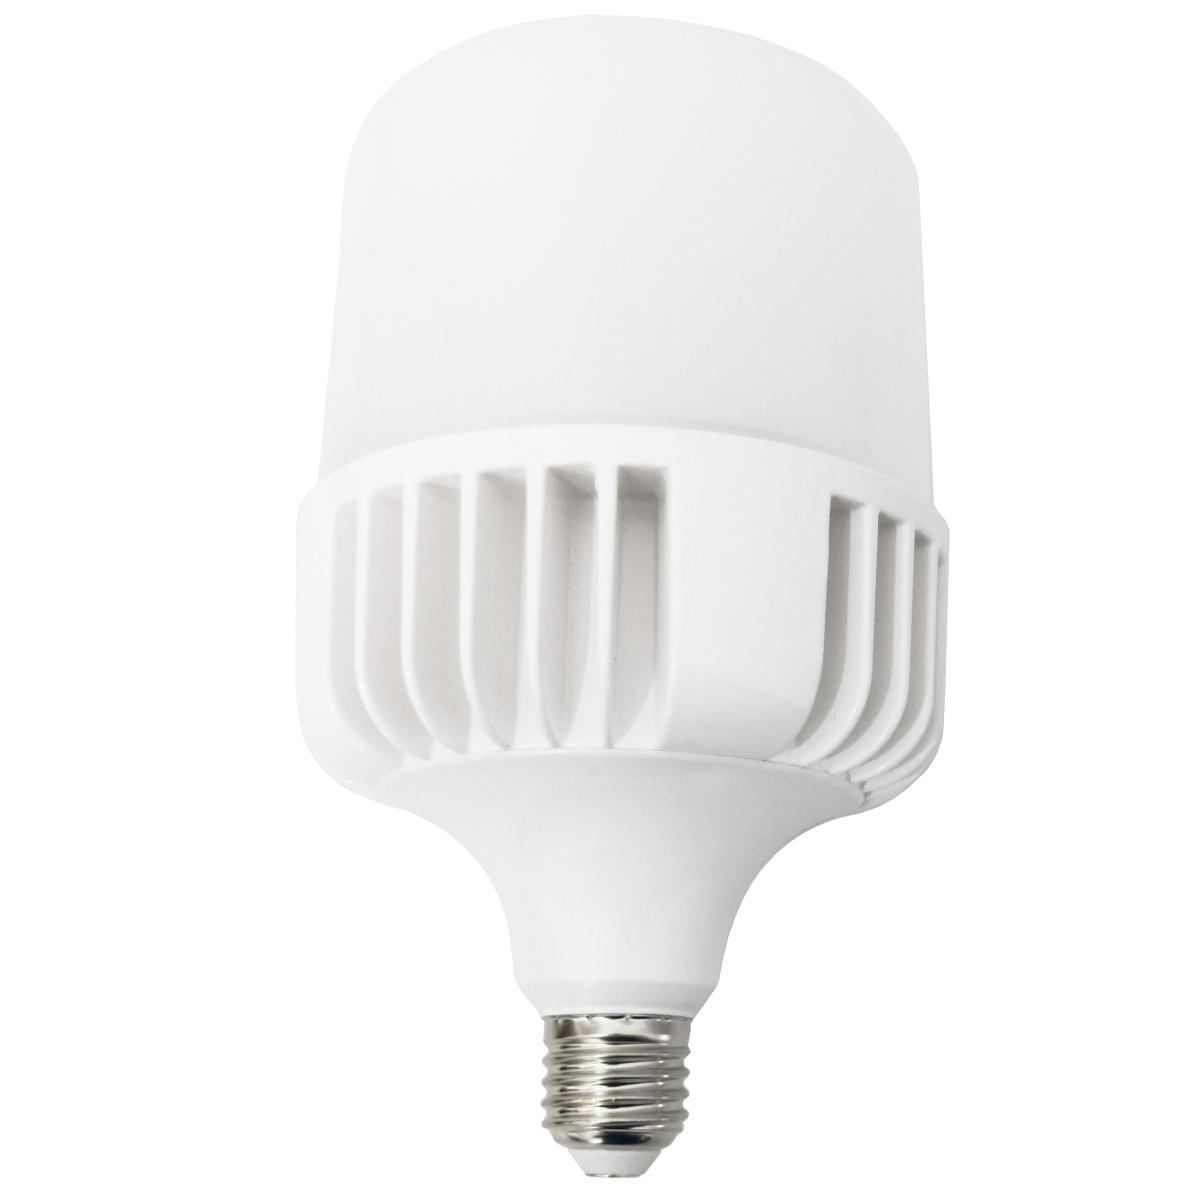 لامپ ال ای دی 40 وات نور افشان مدل A765 پایه E27